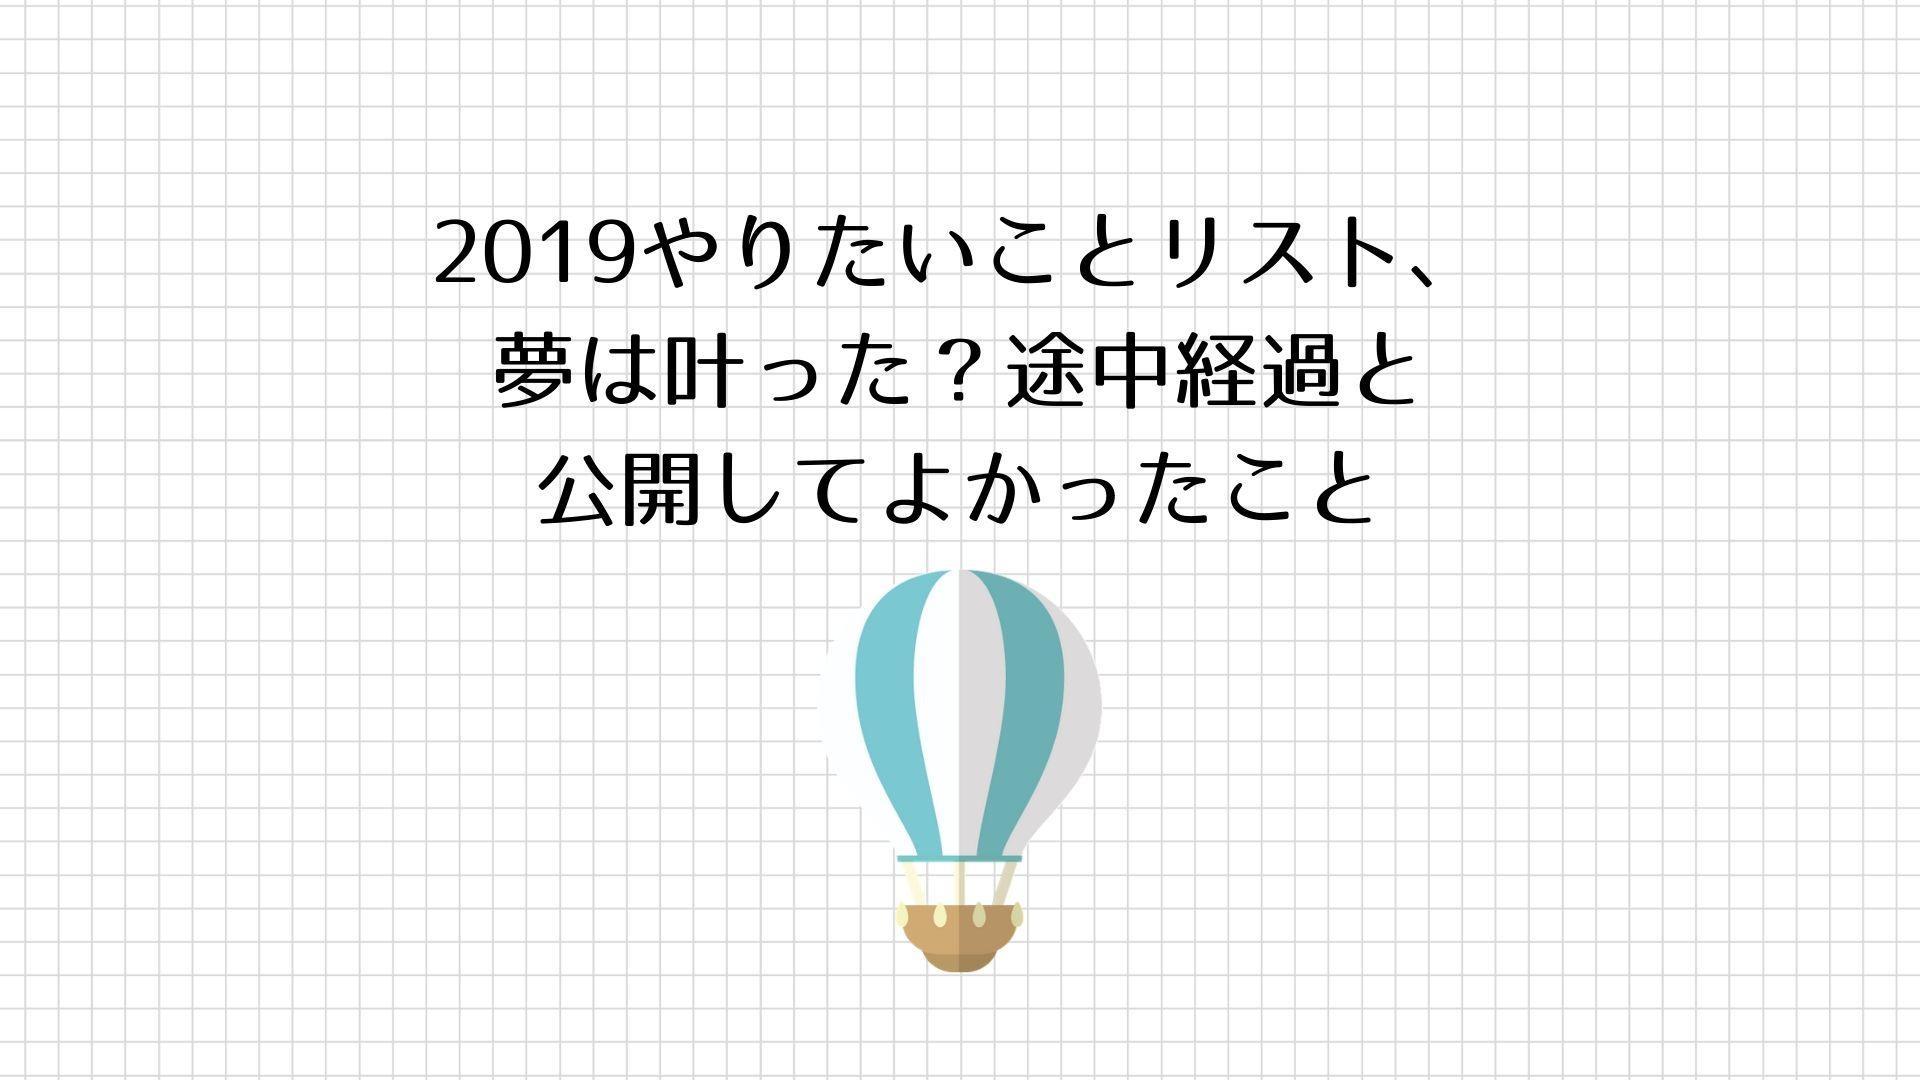 2019年やりたいことリスト100、夢は叶った?途中経過と公開してよかったこと